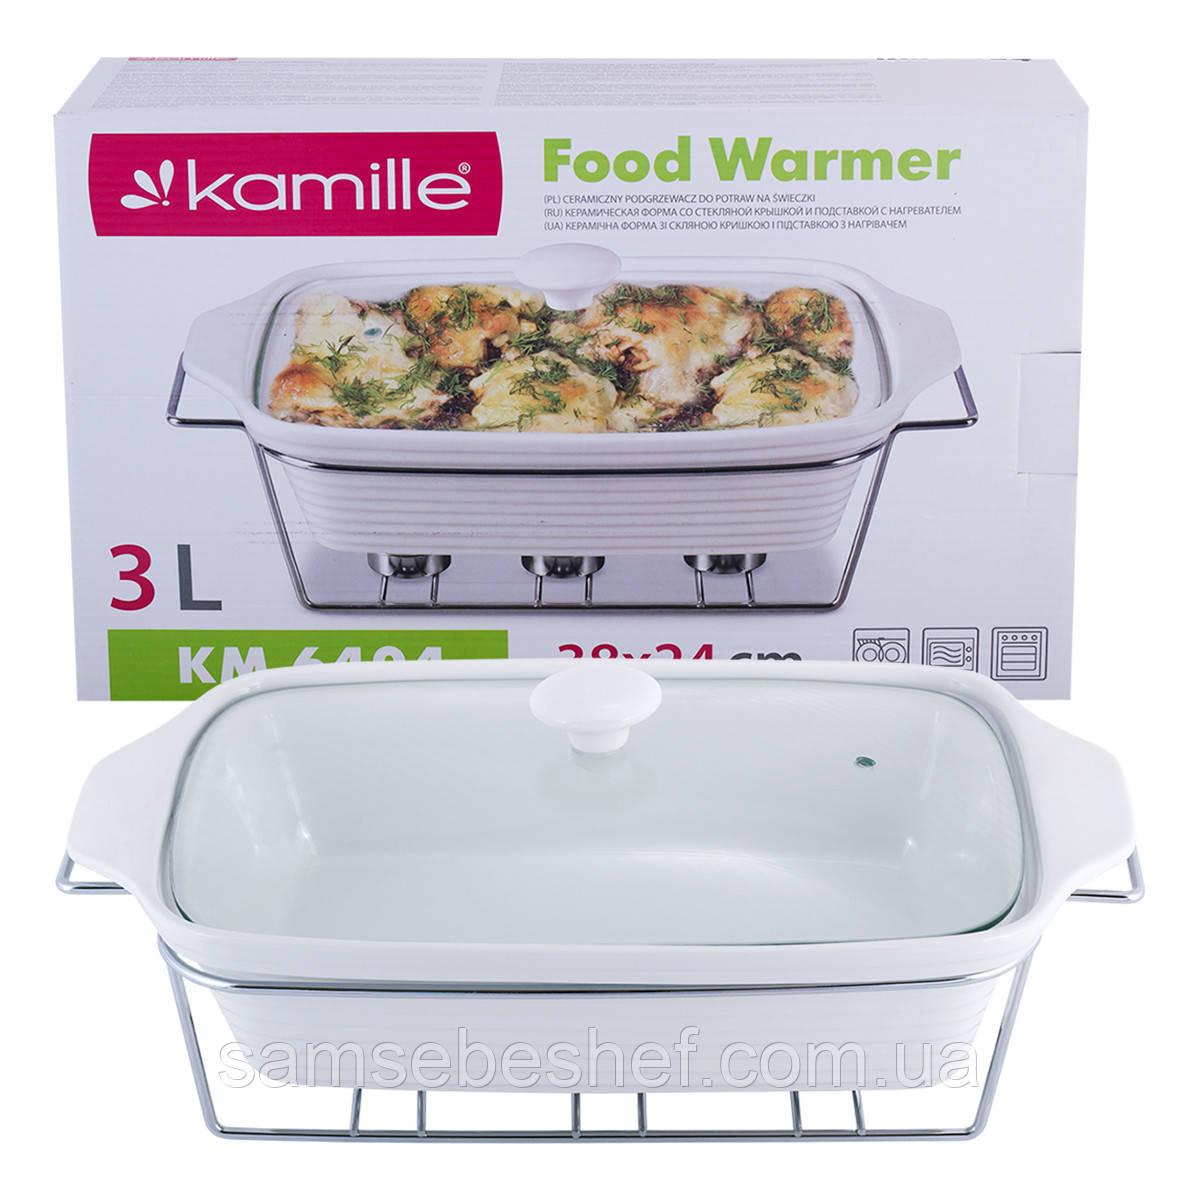 Марміт Kamille керамічний 3л зі скляною кришкою та металевою підставкою KM-6404